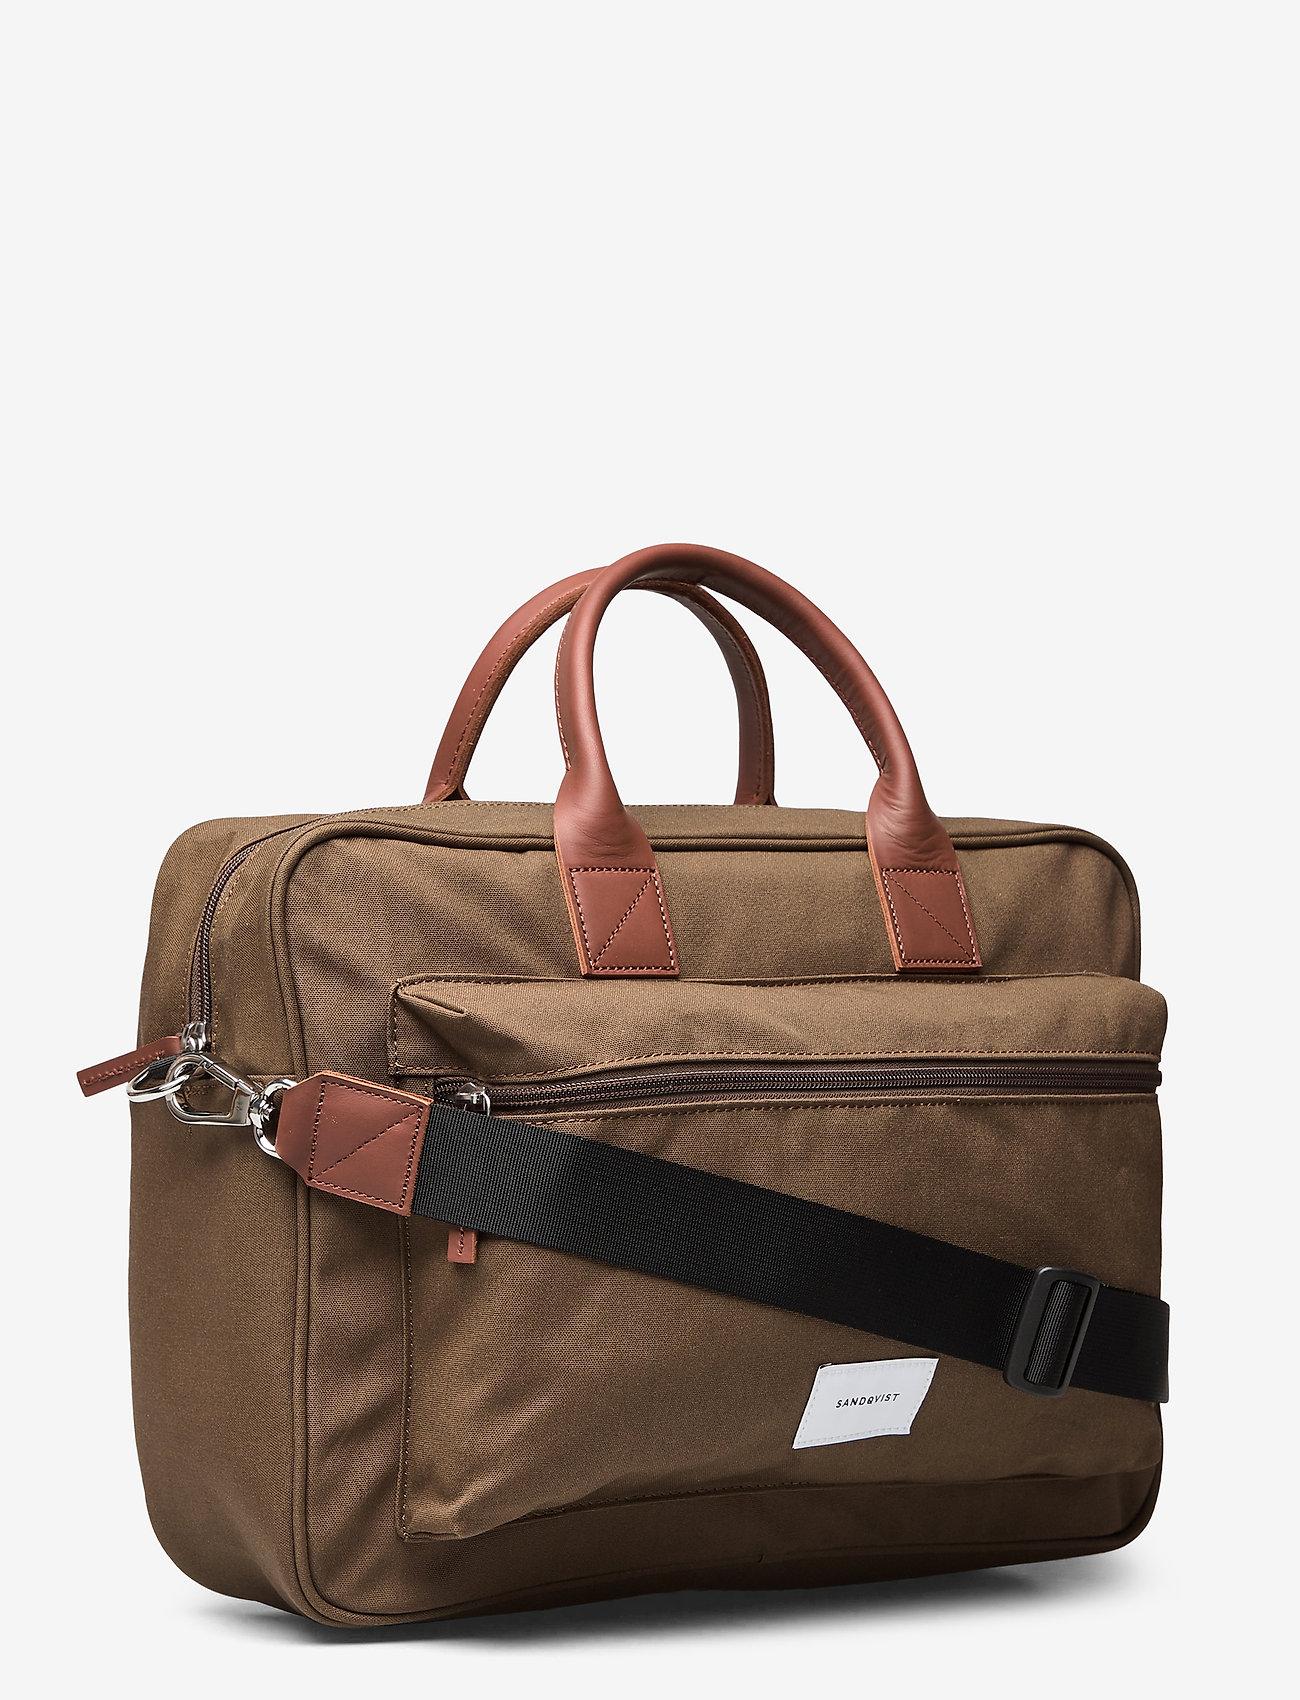 SANDQVIST - EMIL - tassen - olive with cognac brown leather - 2